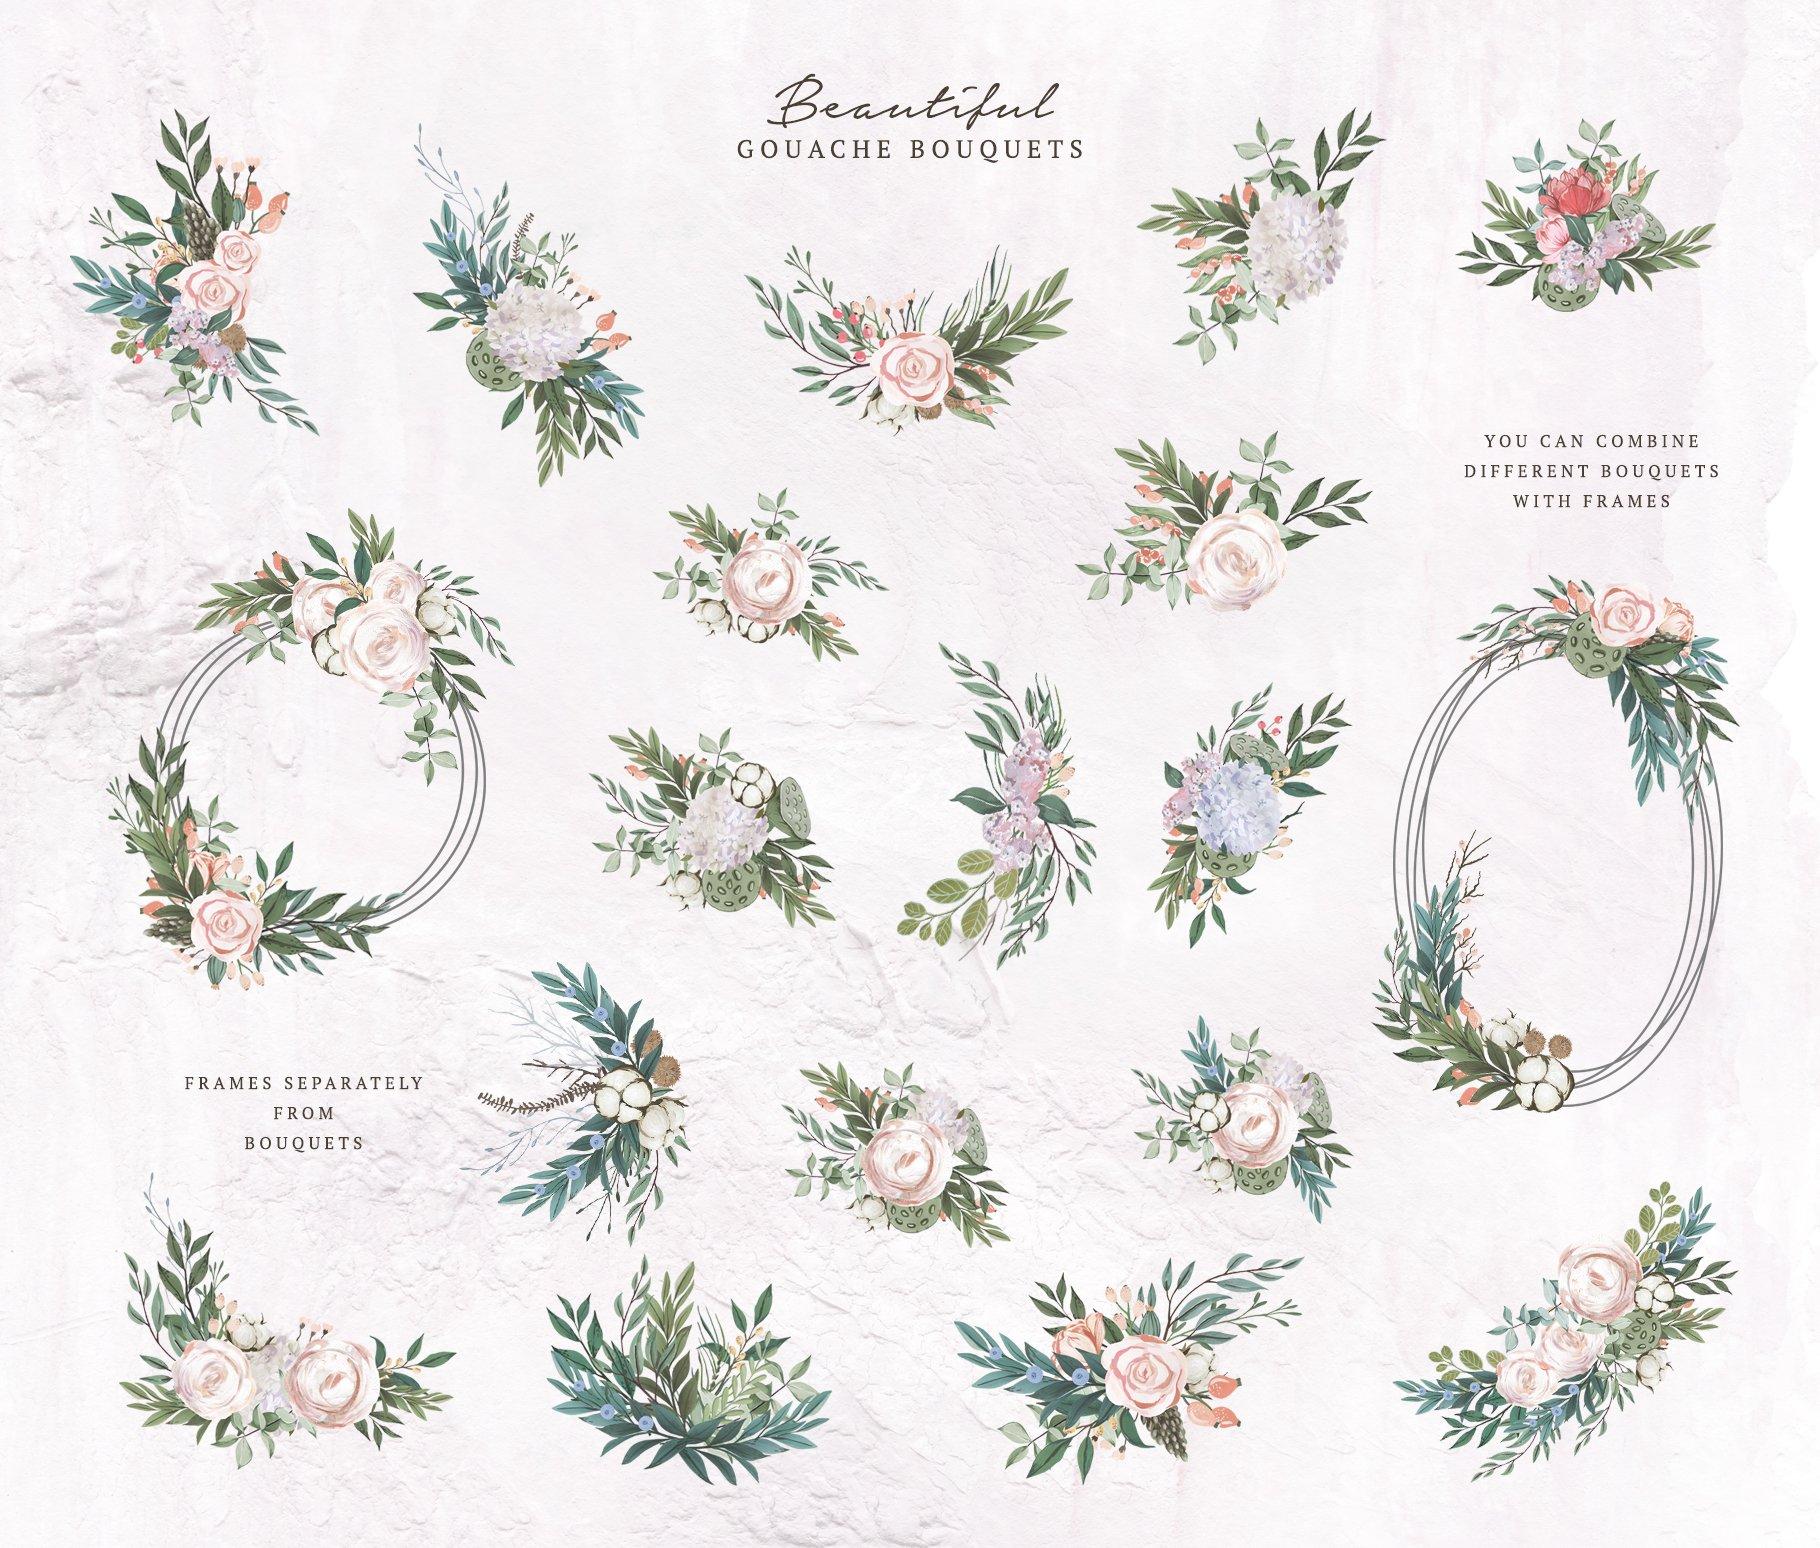 哑光油漆质感花卉树叶手绘水彩画PNG透明图片素材 Gouache Dusty Flowers插图2